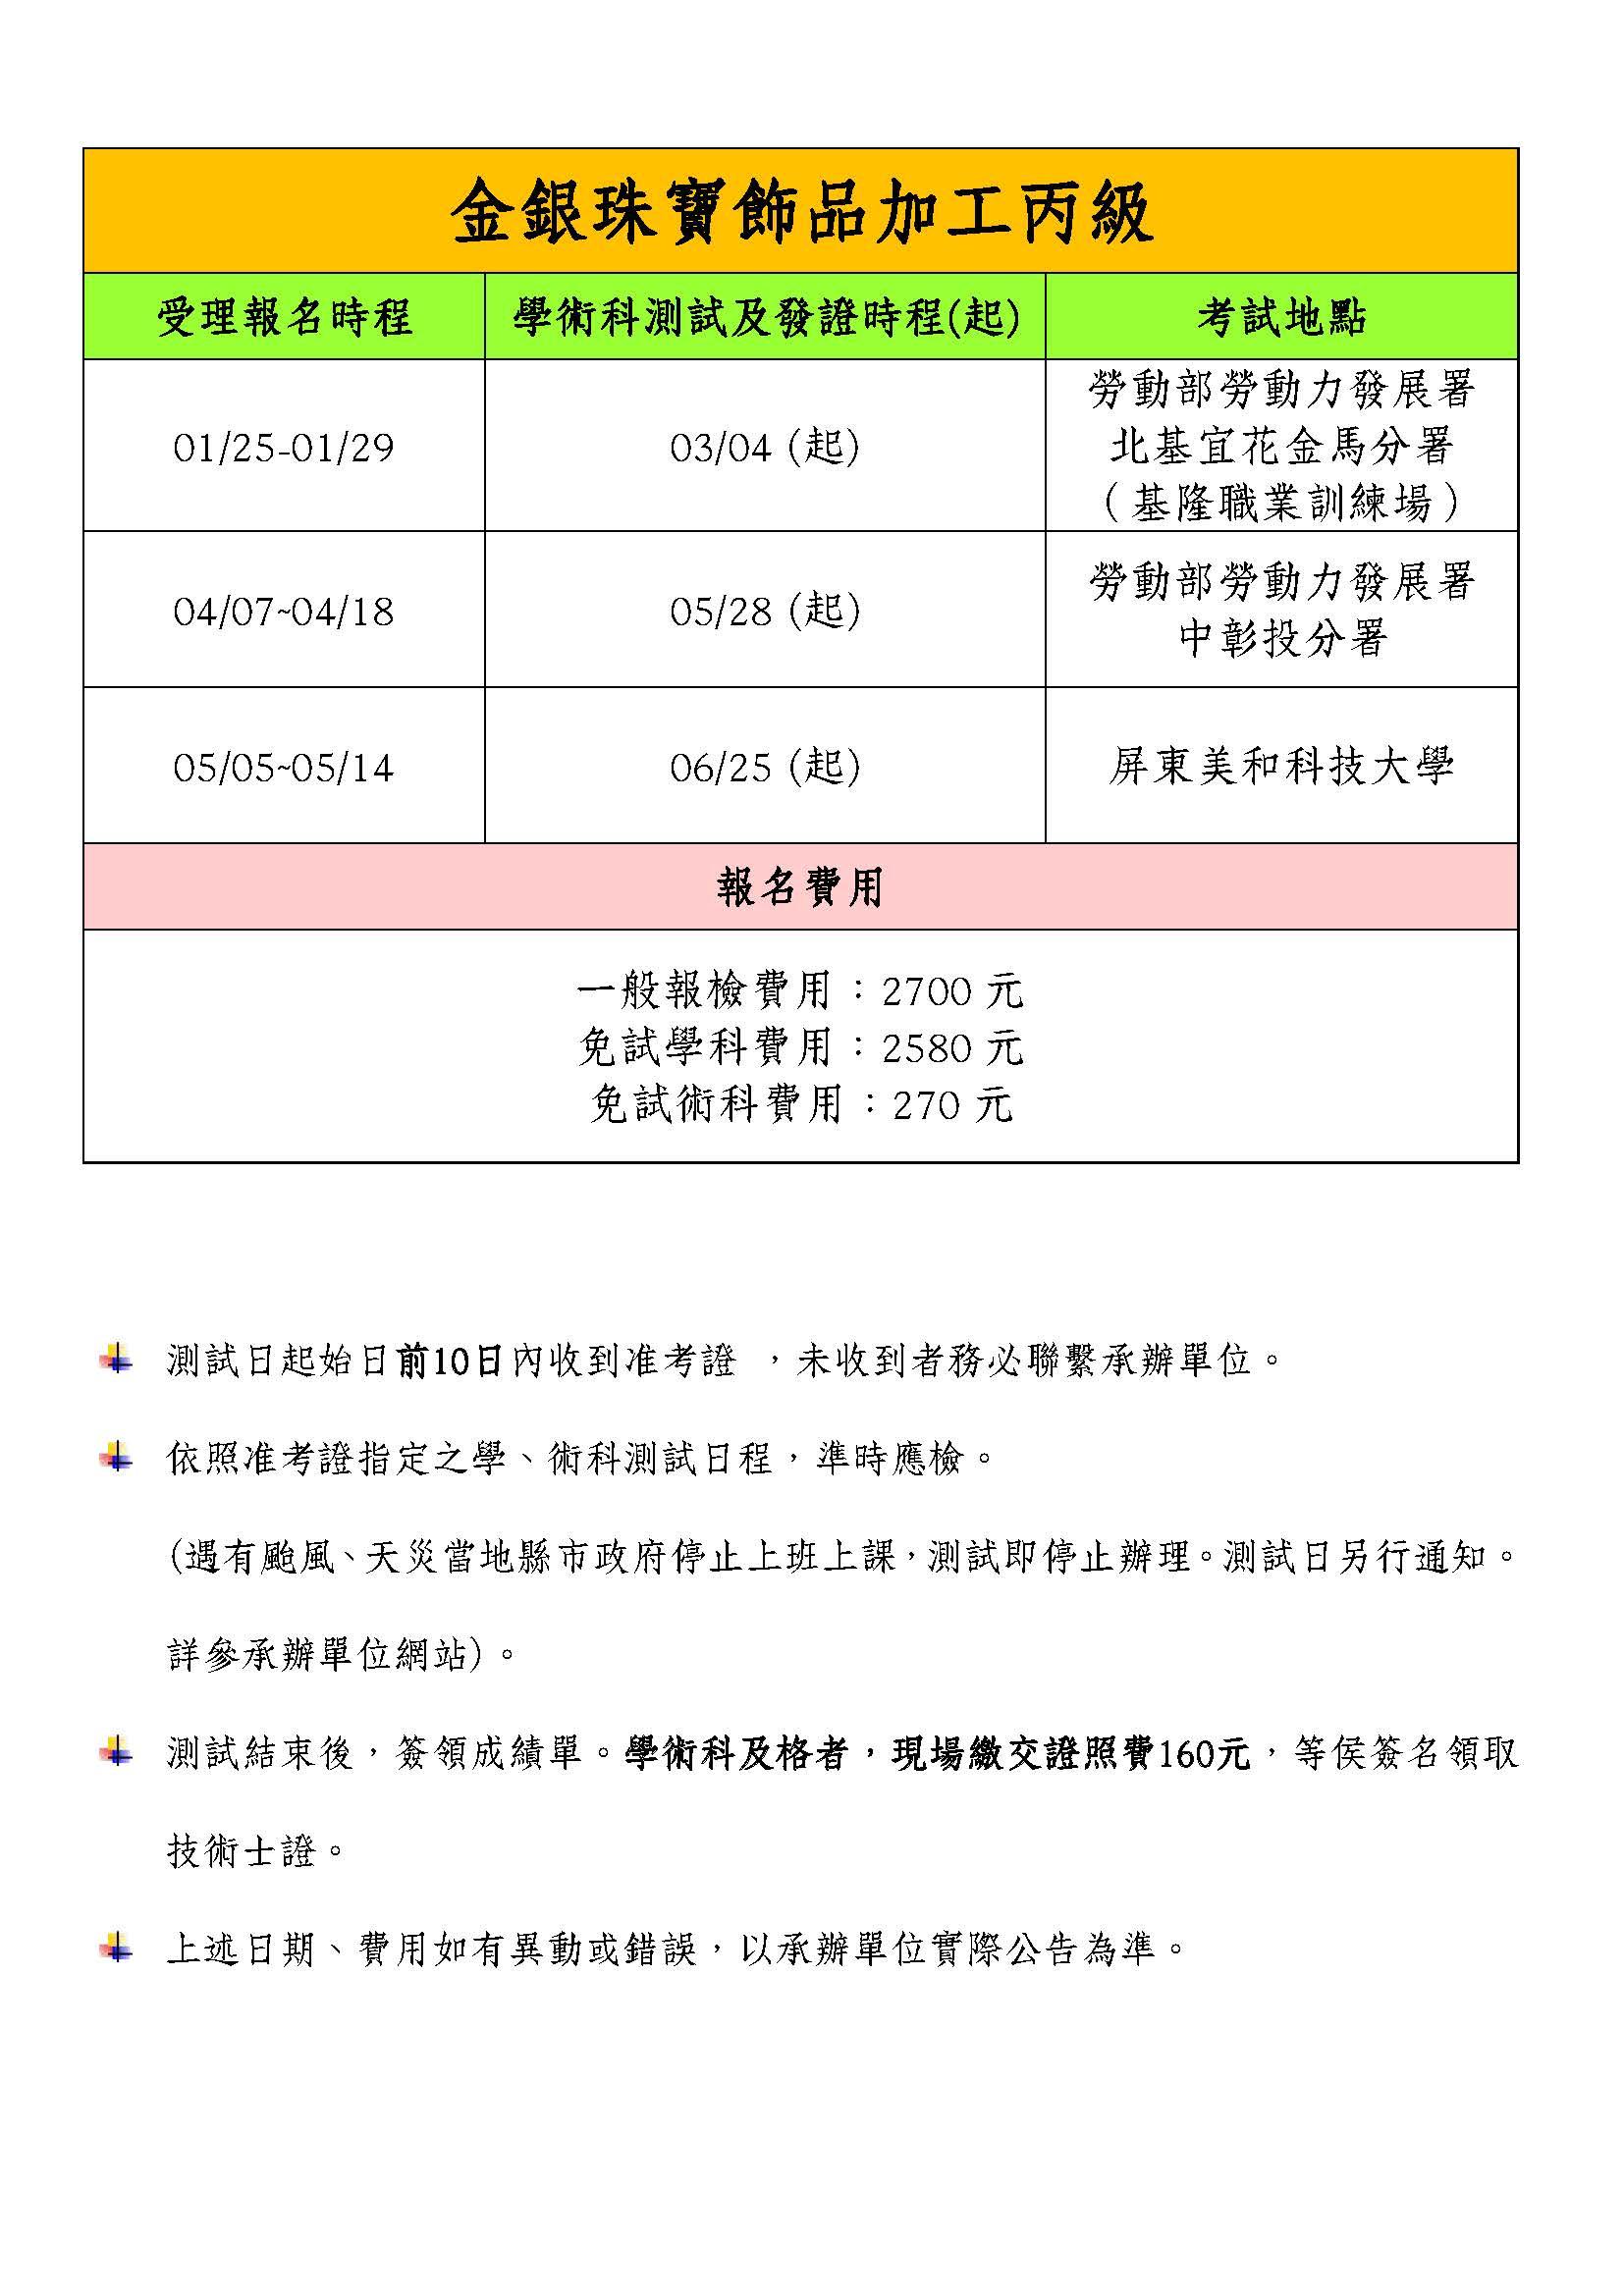 105年度即測即評技術士技能檢定行事曆_頁面_2